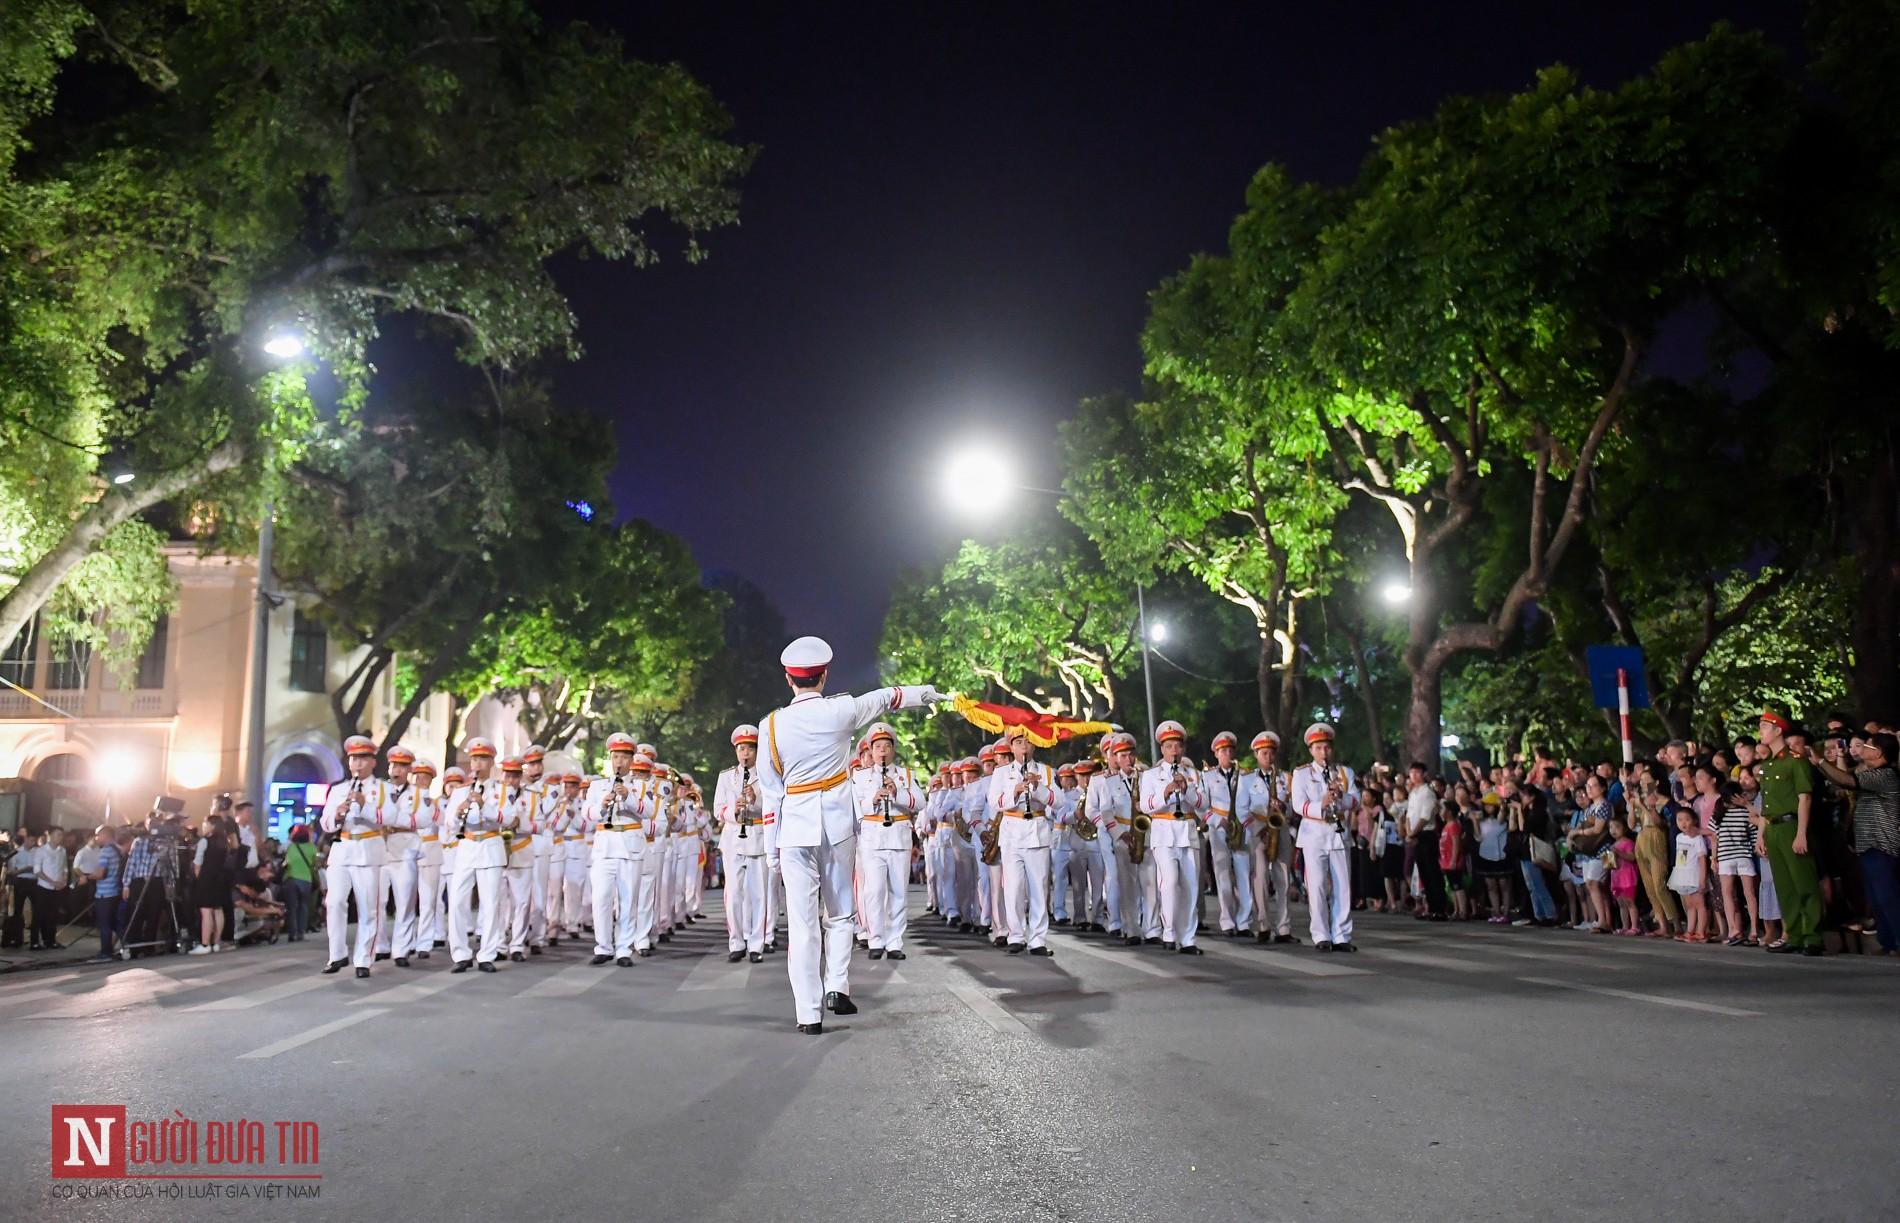 Đoàn nghi lễ Công an Nhân dân lần đầu tiên diểu diễn tại phố đi bộ hồ Hoàn Kiếm 11